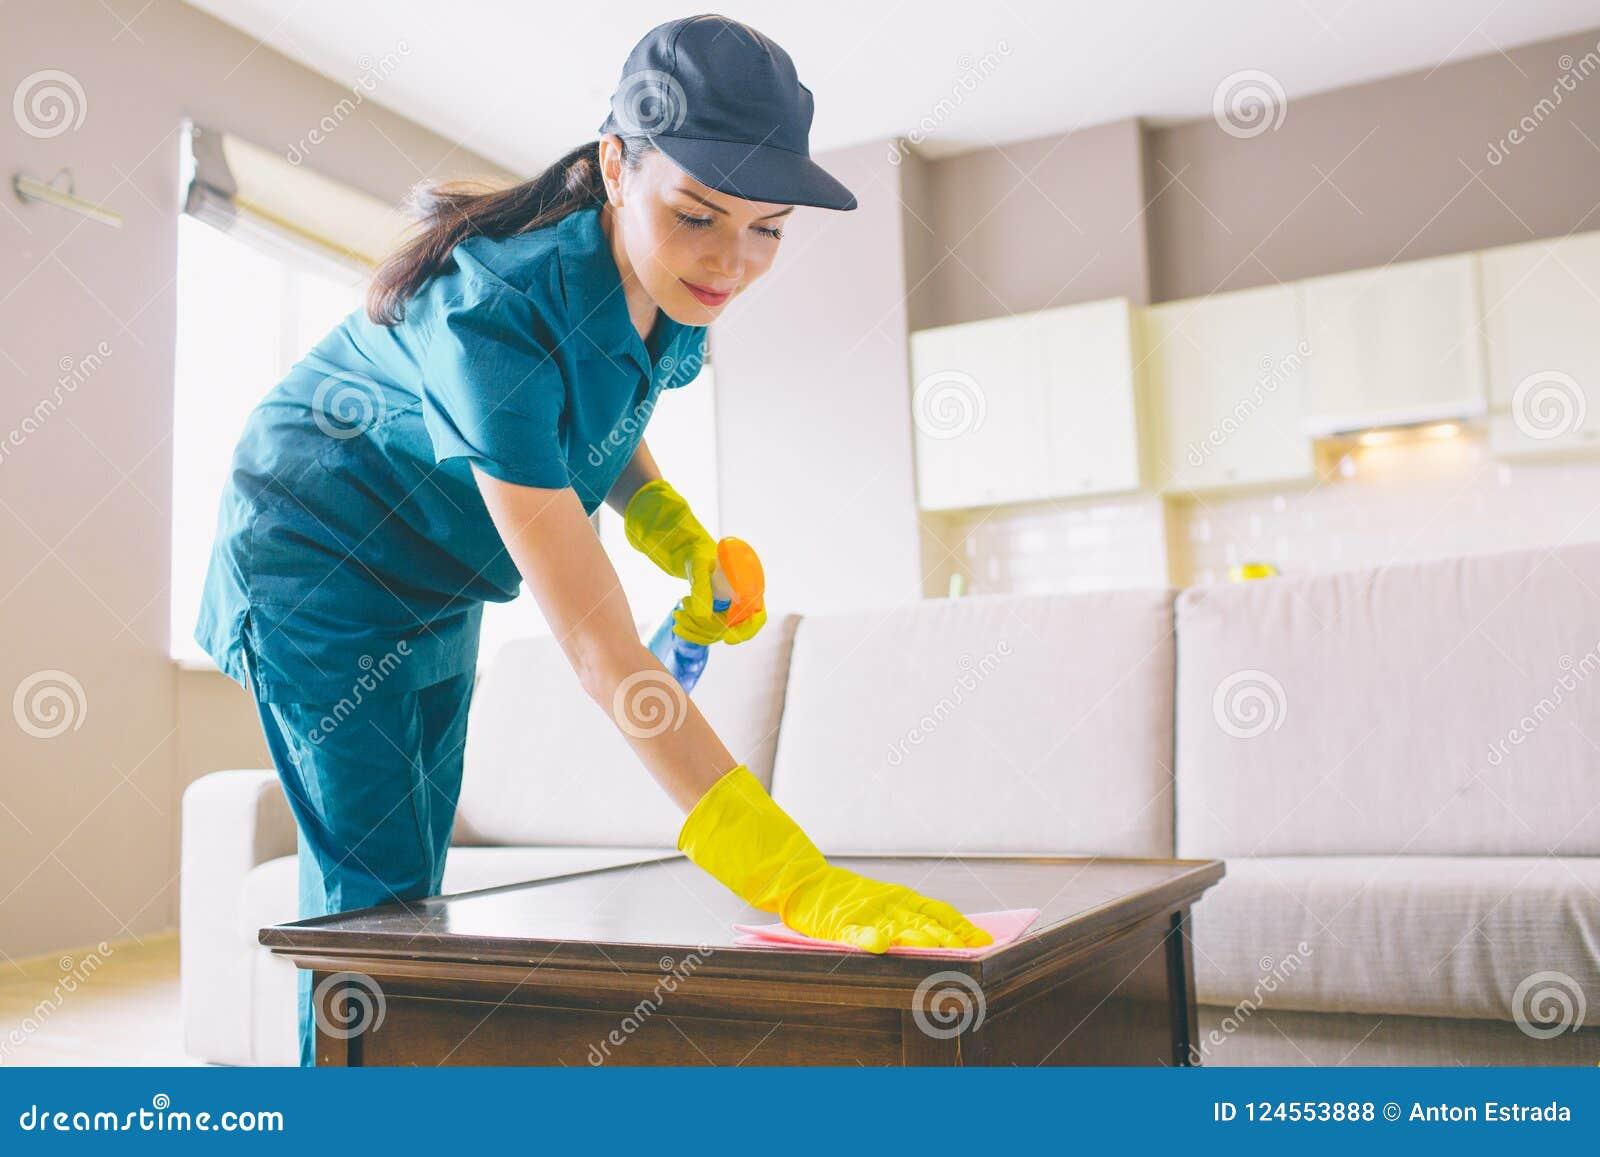 Wahsing Oberfläche des Berufsreinigers der Tabelle sie benutzt Lappen und Spray Mädchen tut es vorsichtig